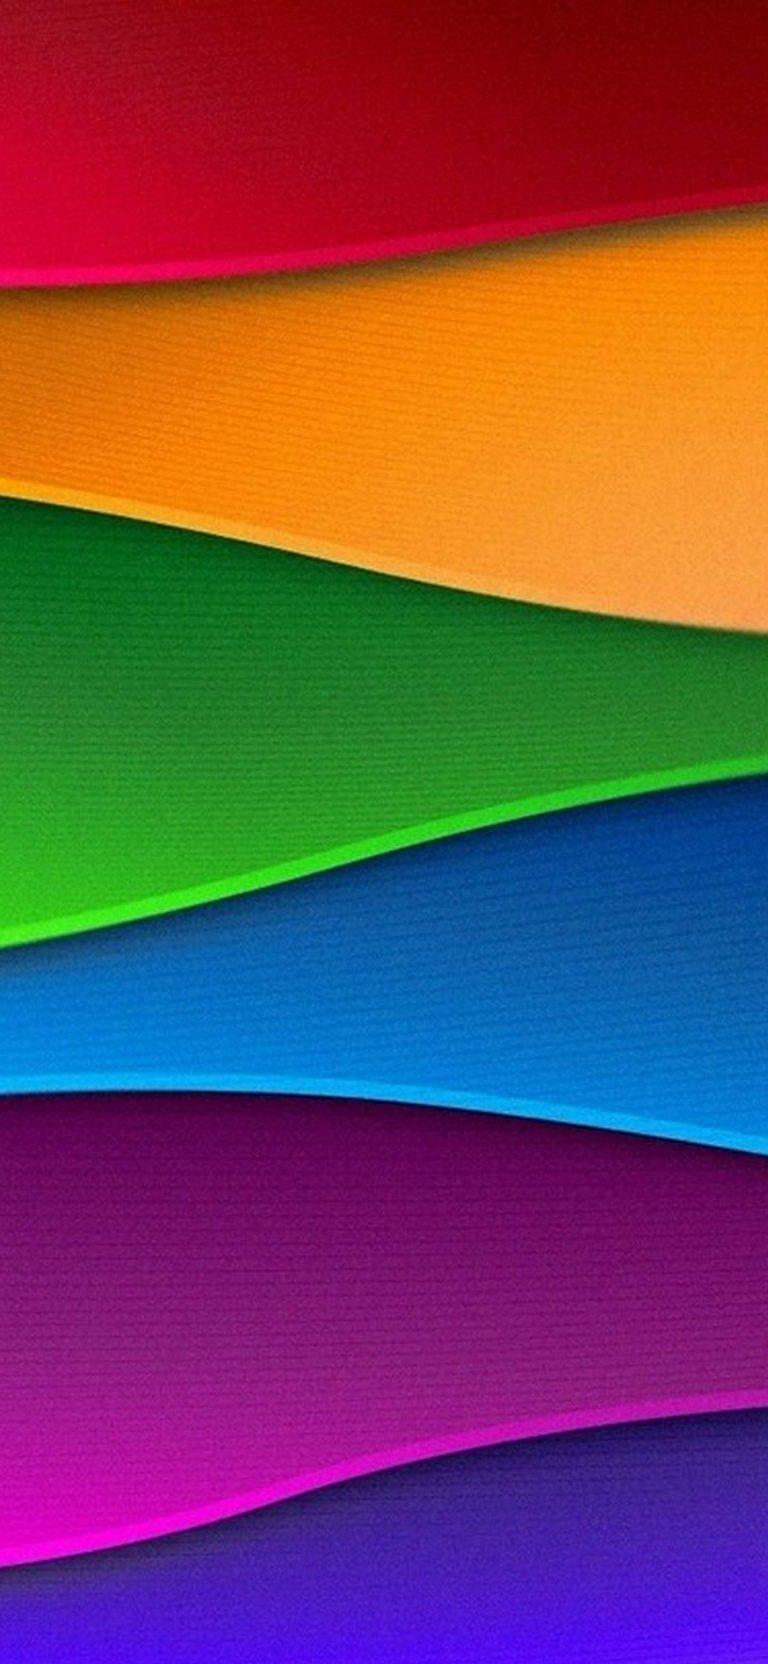 1440x3120 Wallpaper 128 768x1664